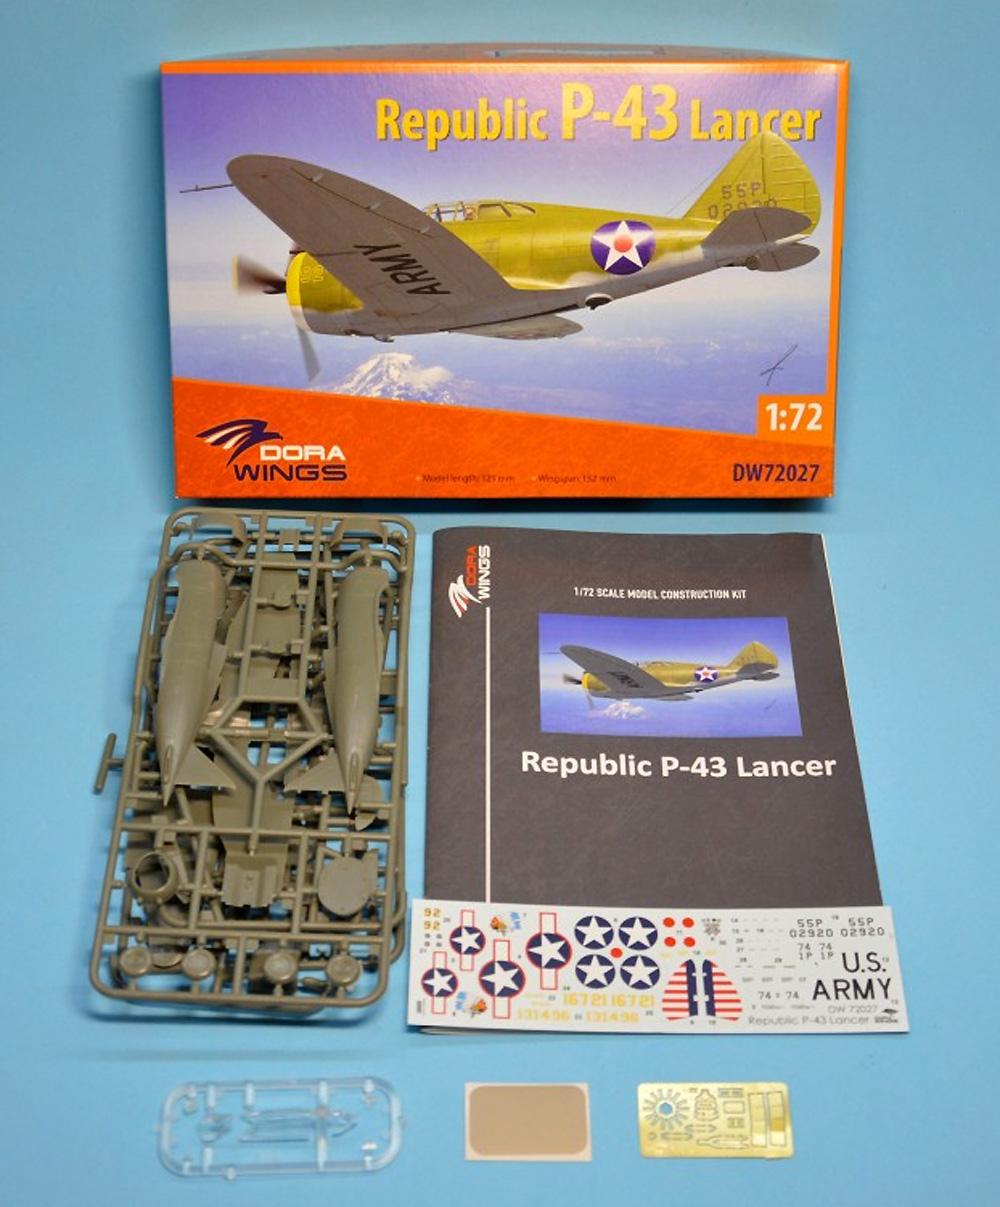 リパブリック P-43 ランサープラモデル(ドラ ウイングス1/72 エアクラフト プラモデルNo.DW72027)商品画像_1